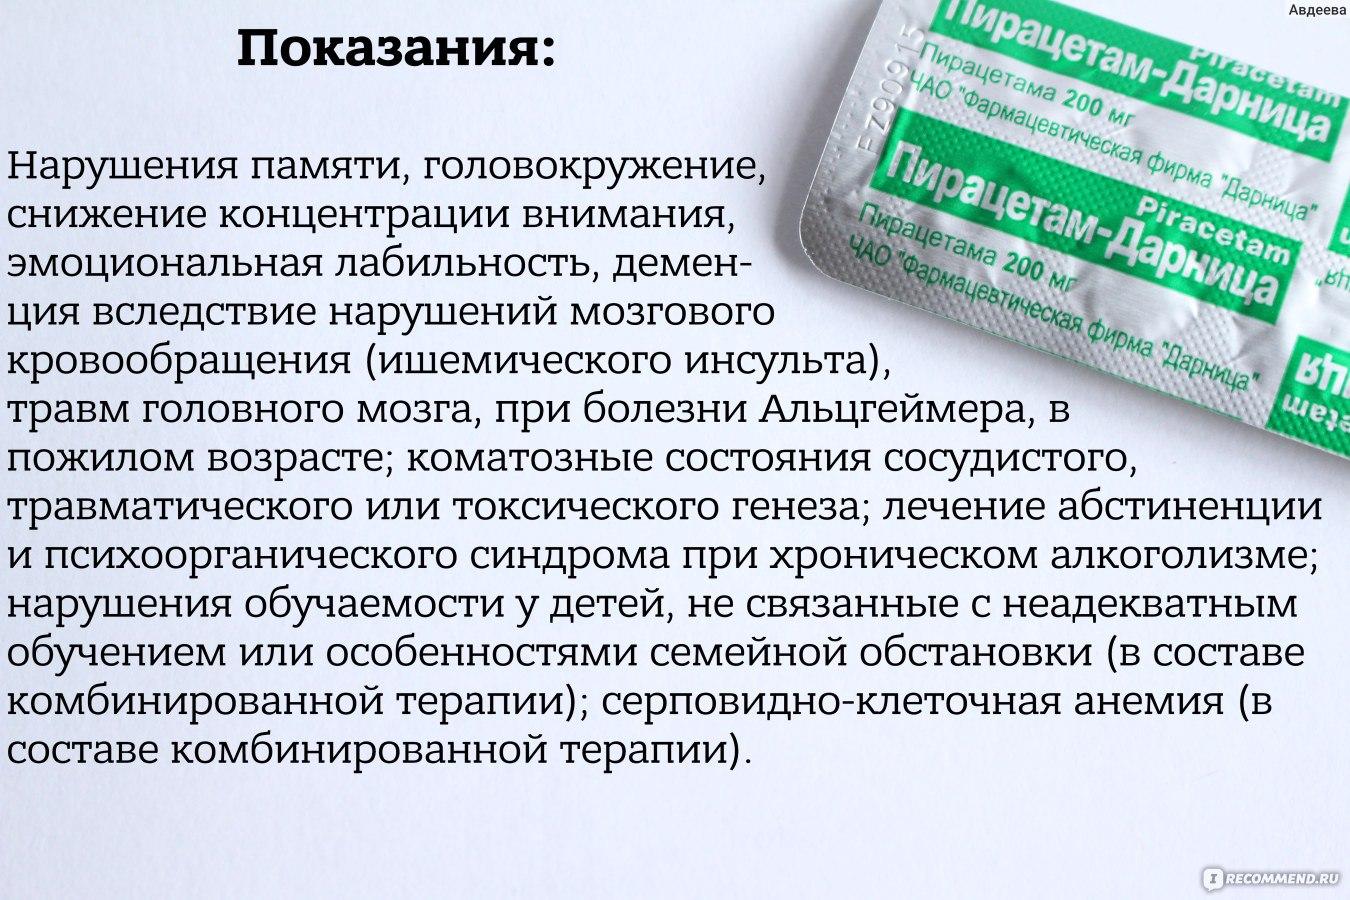 инструкция аналоги к фезаму